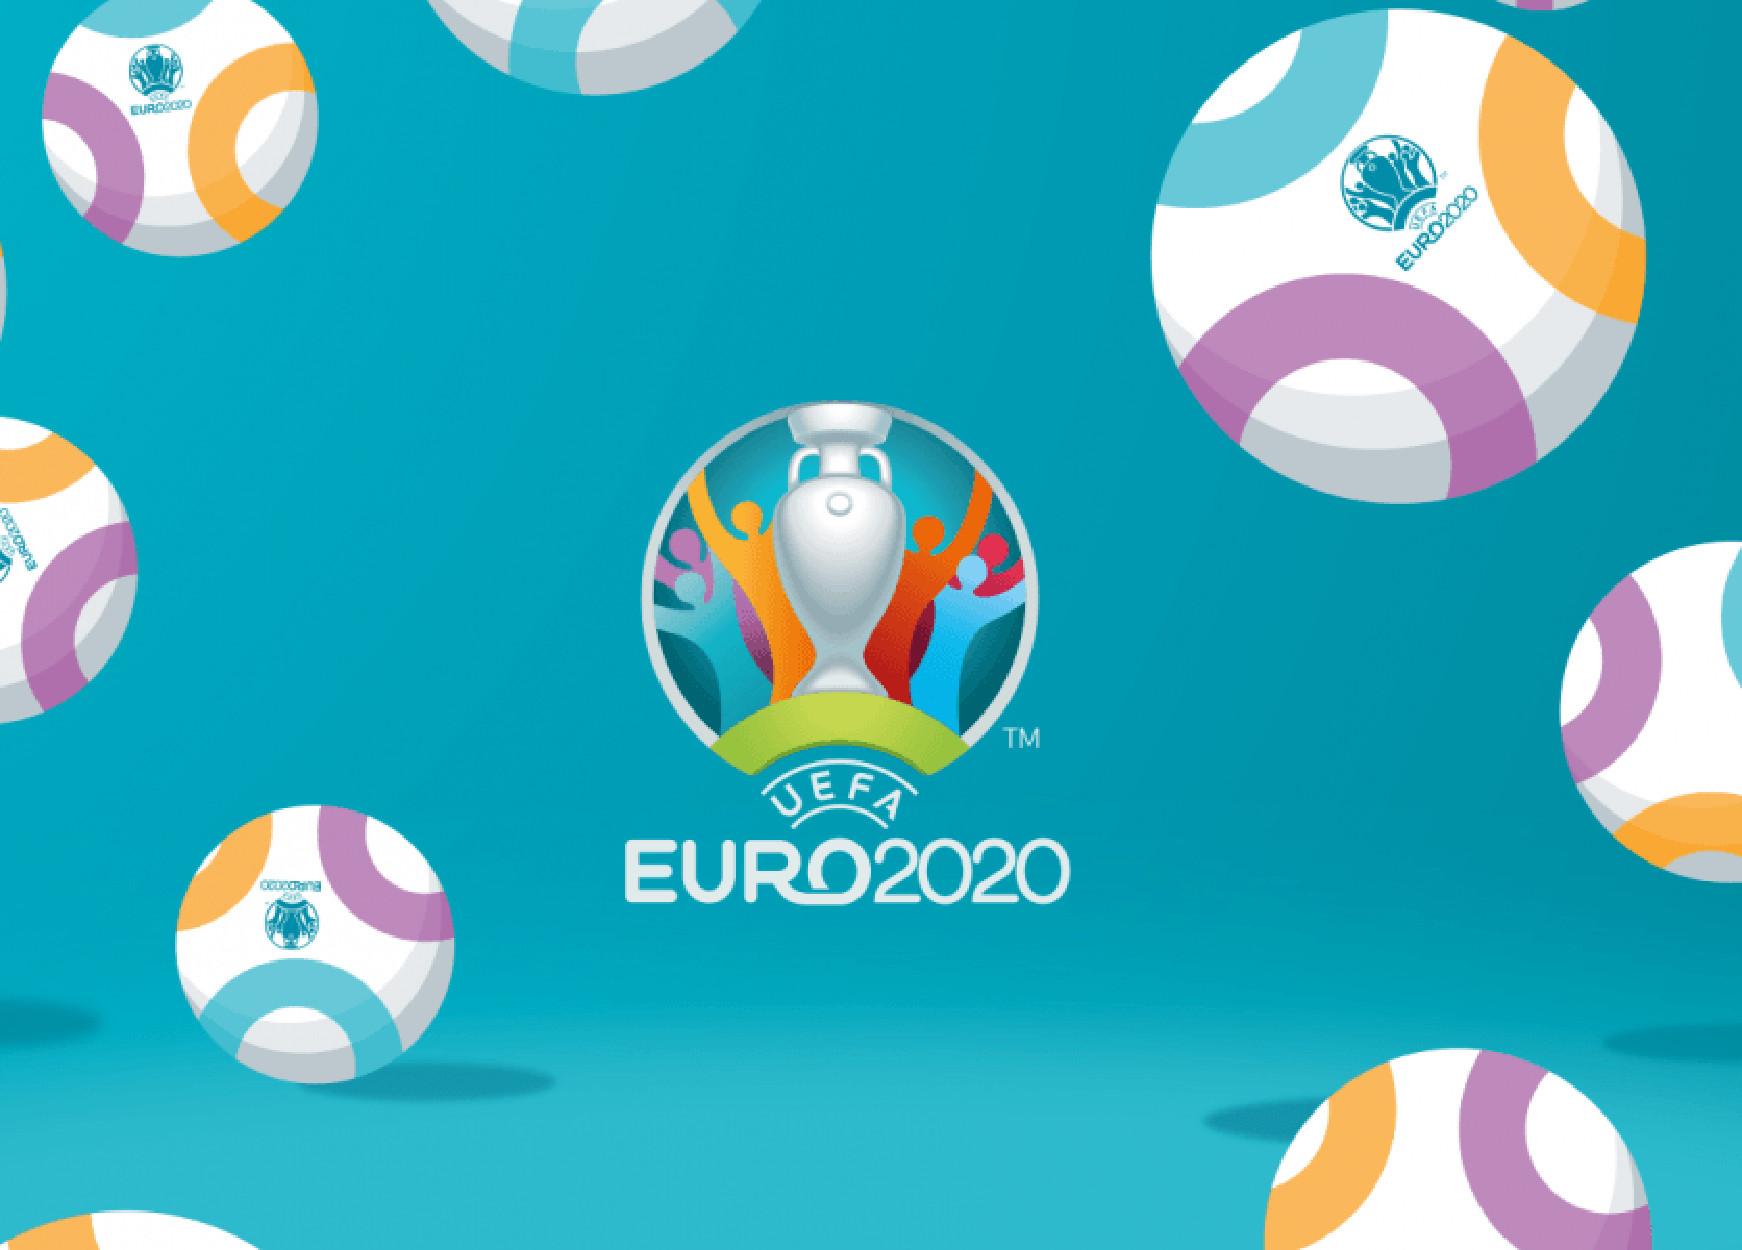 EURO 2020: Ξεκινά η μεγάλη γιορτή του ποδοσφαίρου στον ΑΝΤ1 | Newsit.gr